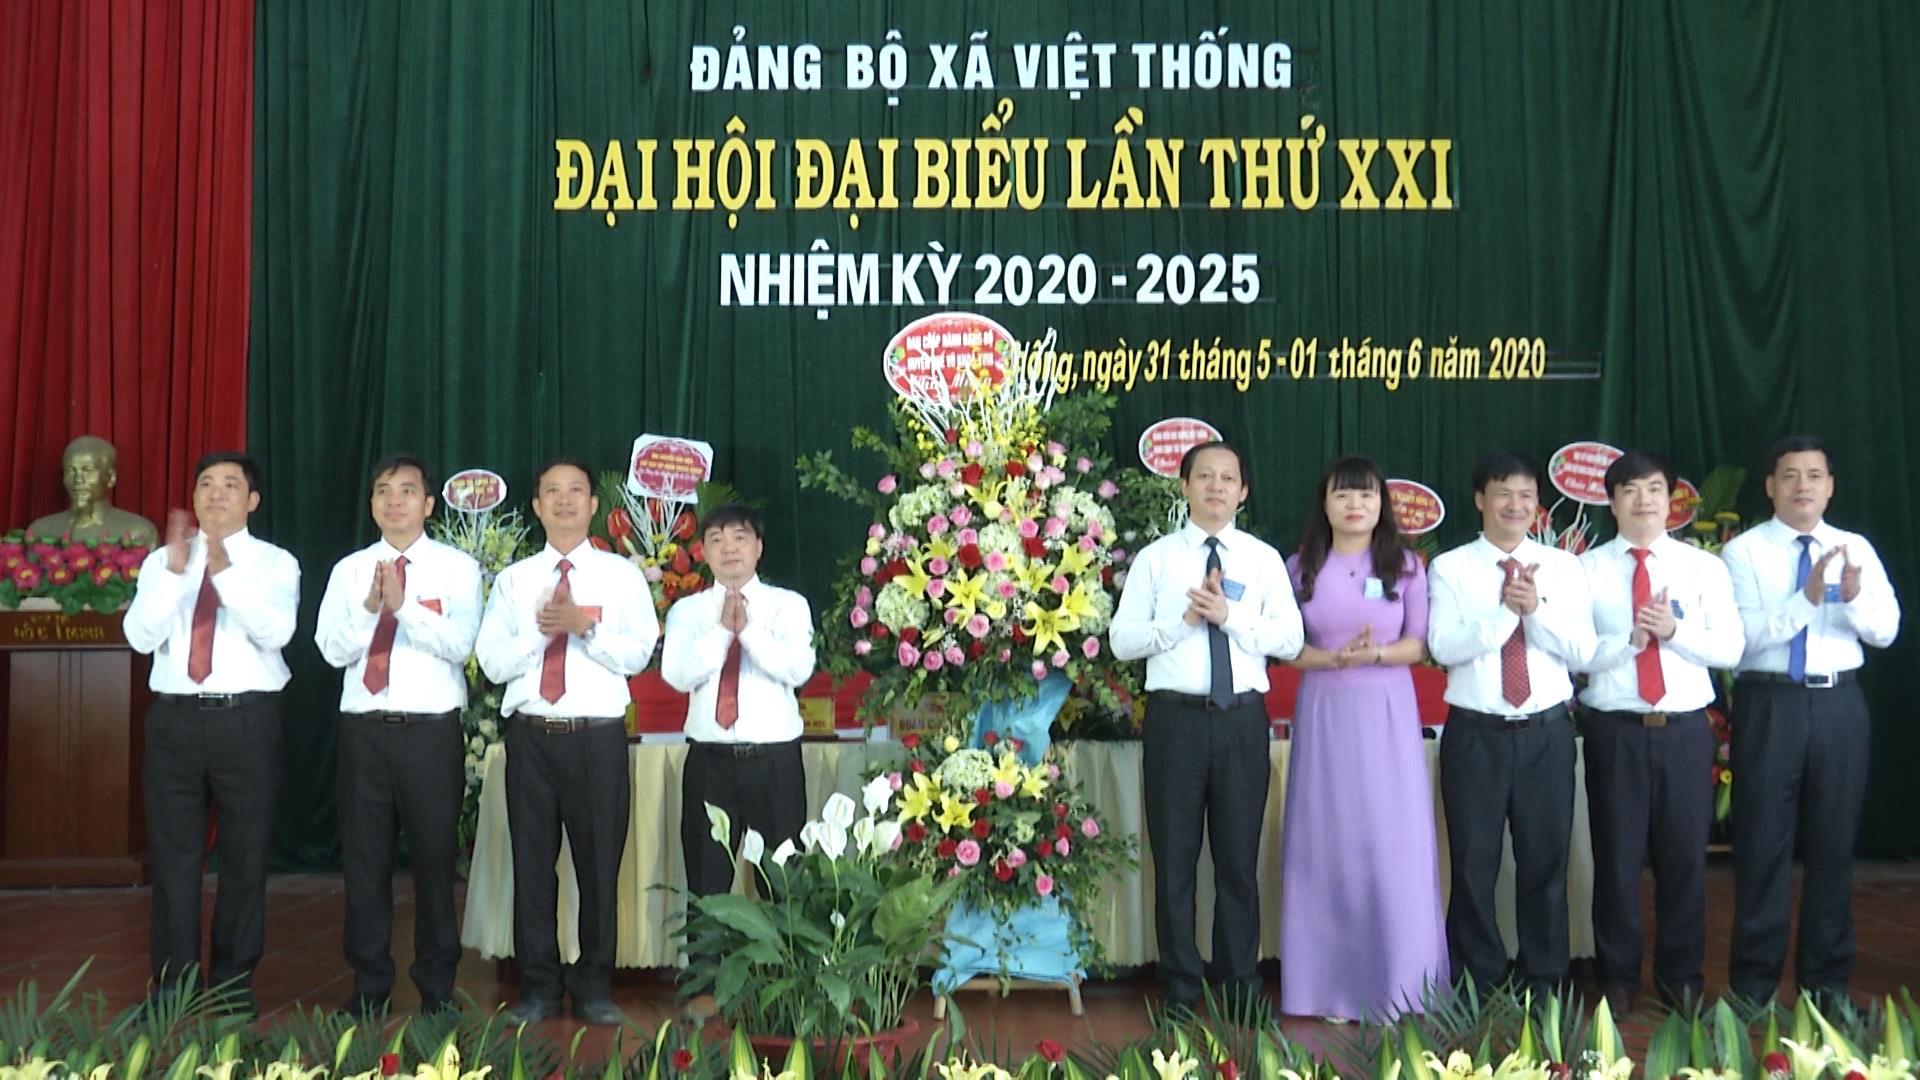 Đại hội Đảng bộ xã Việt Thống lần thứ XXI, nhiệm kỳ 2020-2025